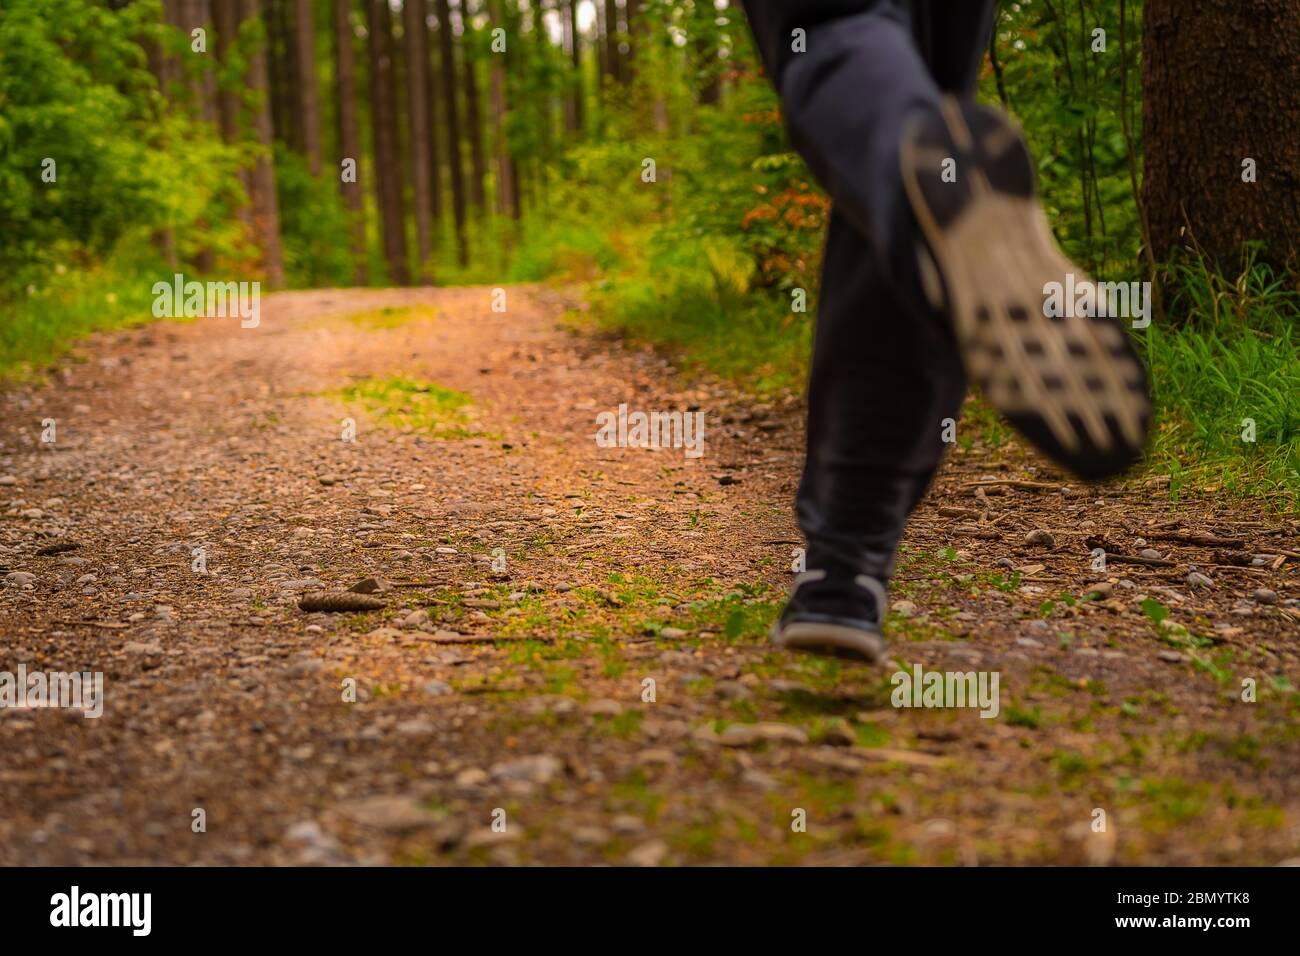 Pies de jogging de un hombre corriendo desde una perspectiva baja en un bosque verde en primavera. Foto dinámica de una actividad humana popular para aumentar a los somebodys Foto de stock